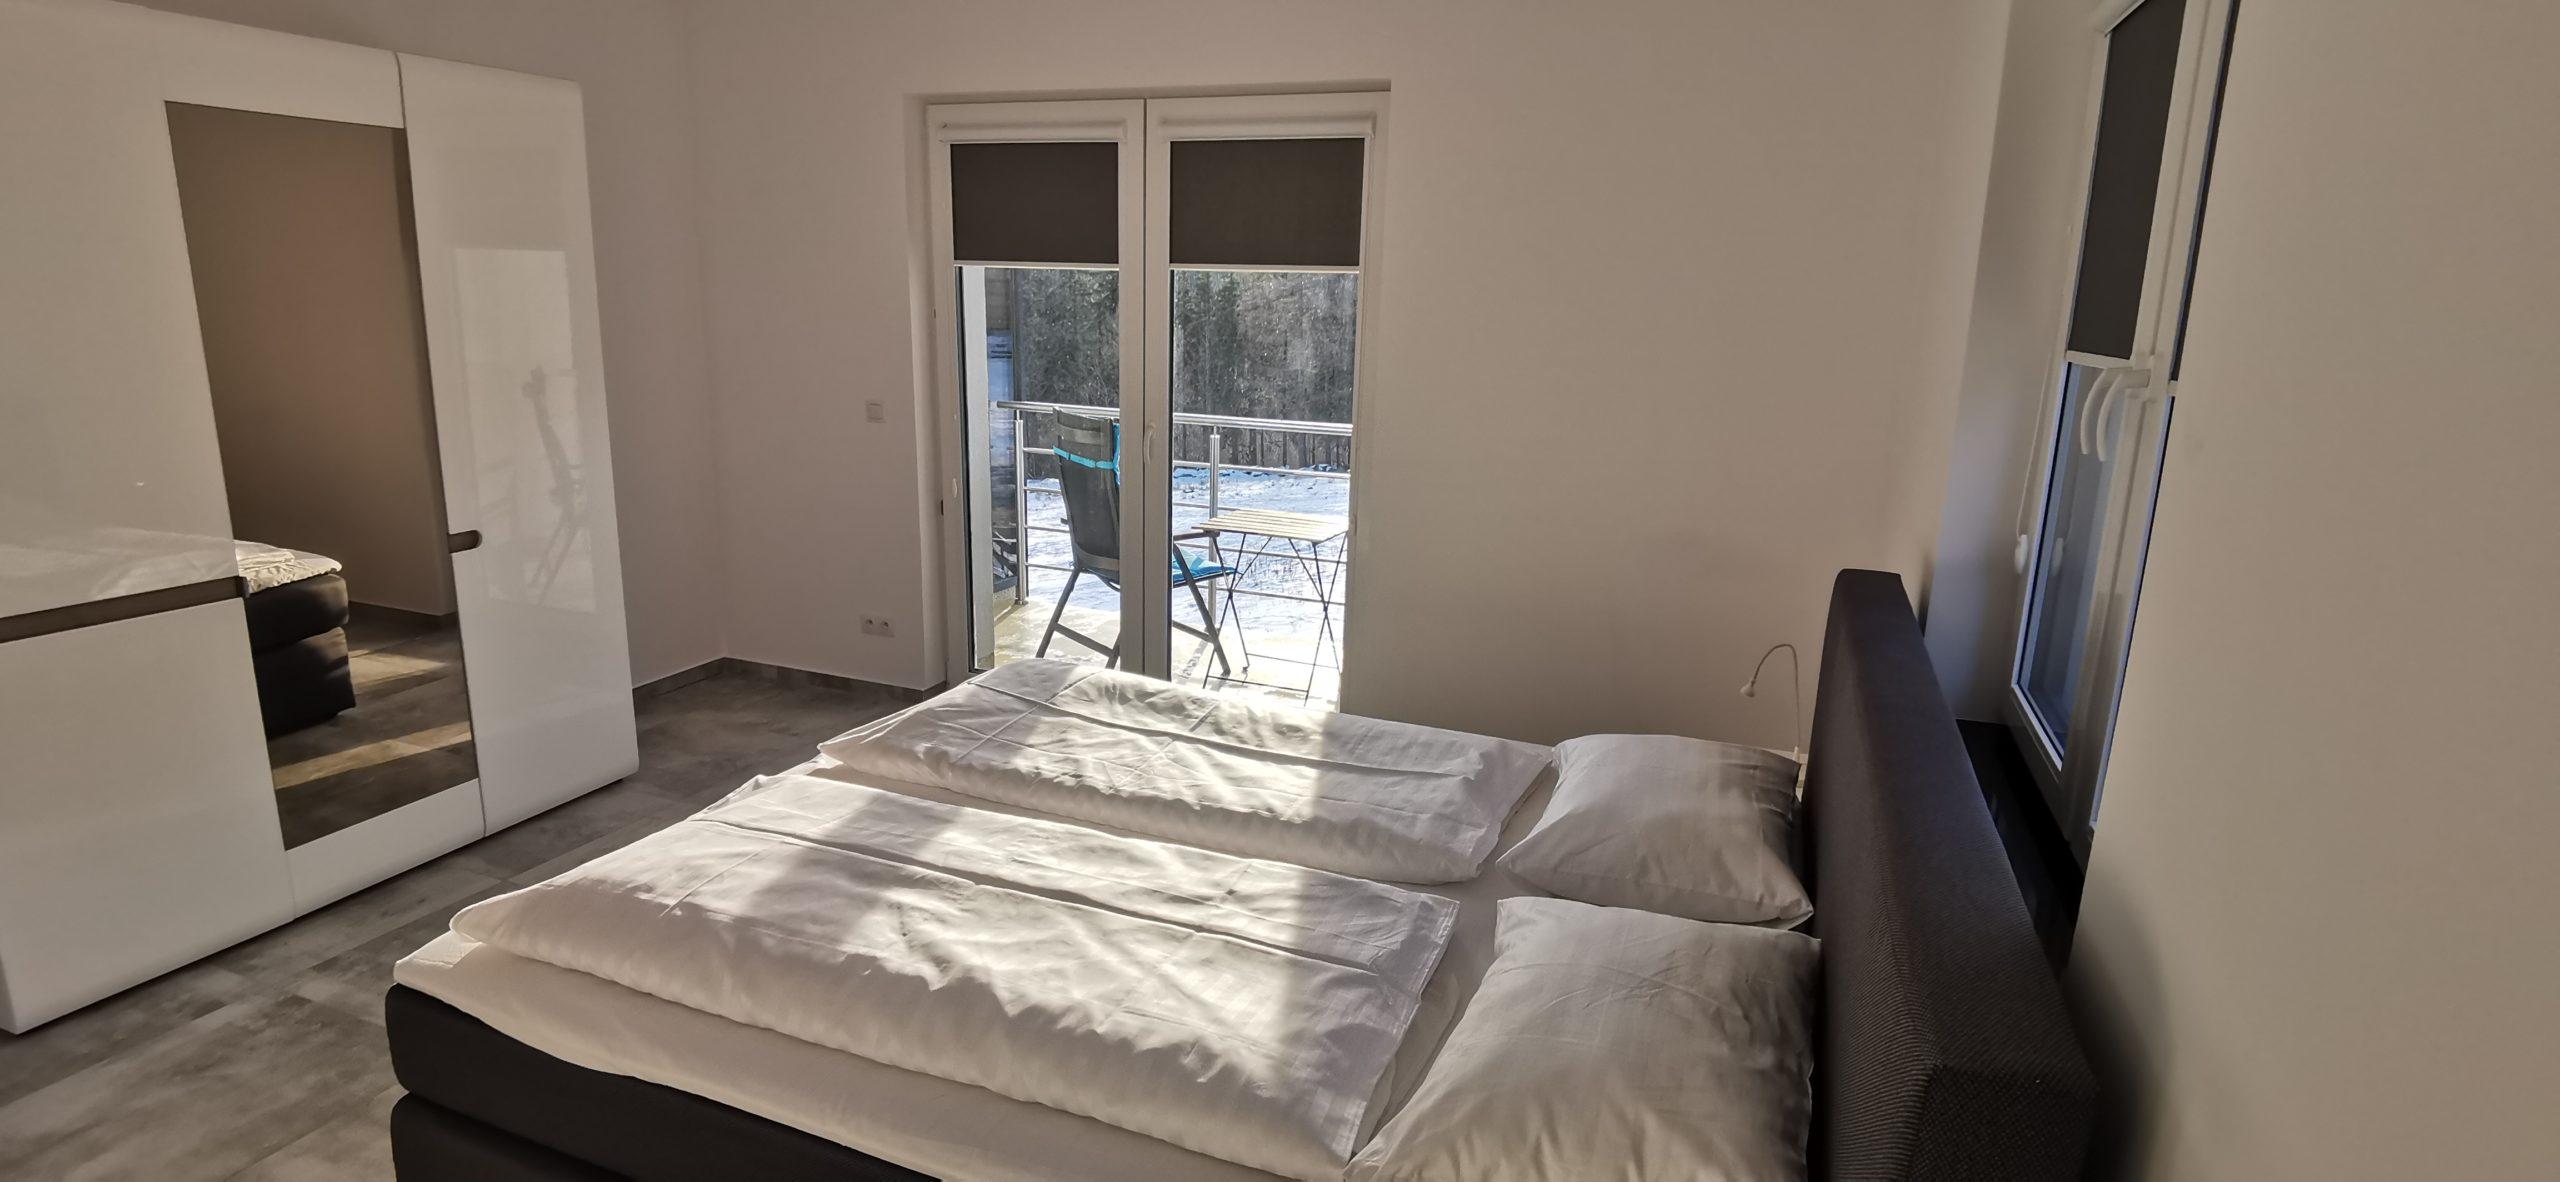 Nocowanie w Karpaczu, Noclegi w Karpaczu, Apartamenty w Karpaczu, piękne chwile w Karpaczu, Tanie Apartamenty w Karpaczu, Tanie noclegi w Karpaczu, Nocleg w Karpaczu, Wypoczynek w Karpaczu.